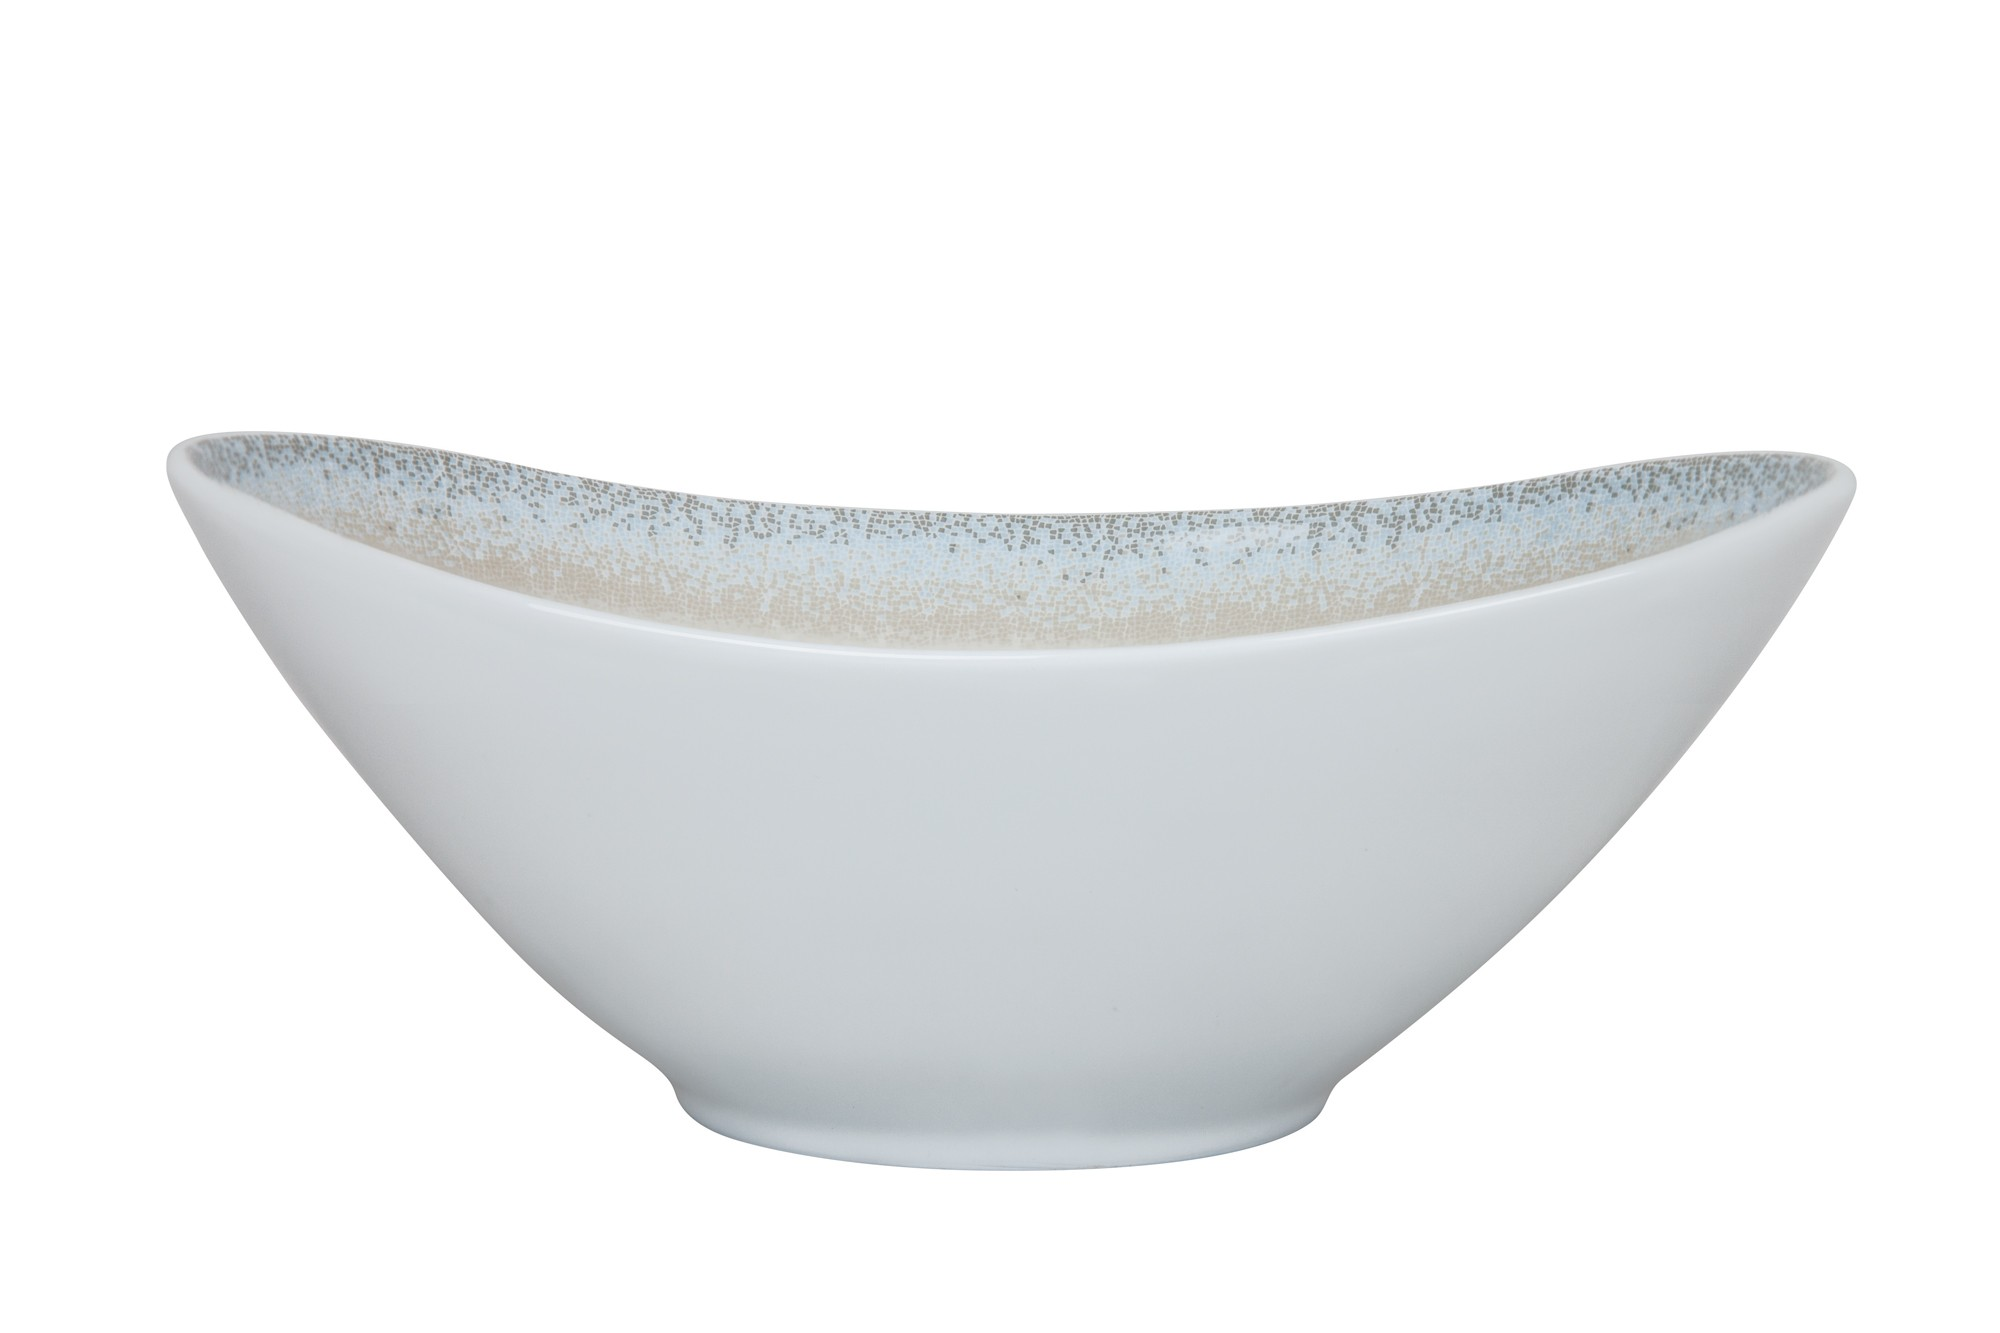 Μπολ Σαλάτας Apeiron Beige 21cm Ionia home   ειδη σερβιρισματος   μπολ   σαλατιέρες